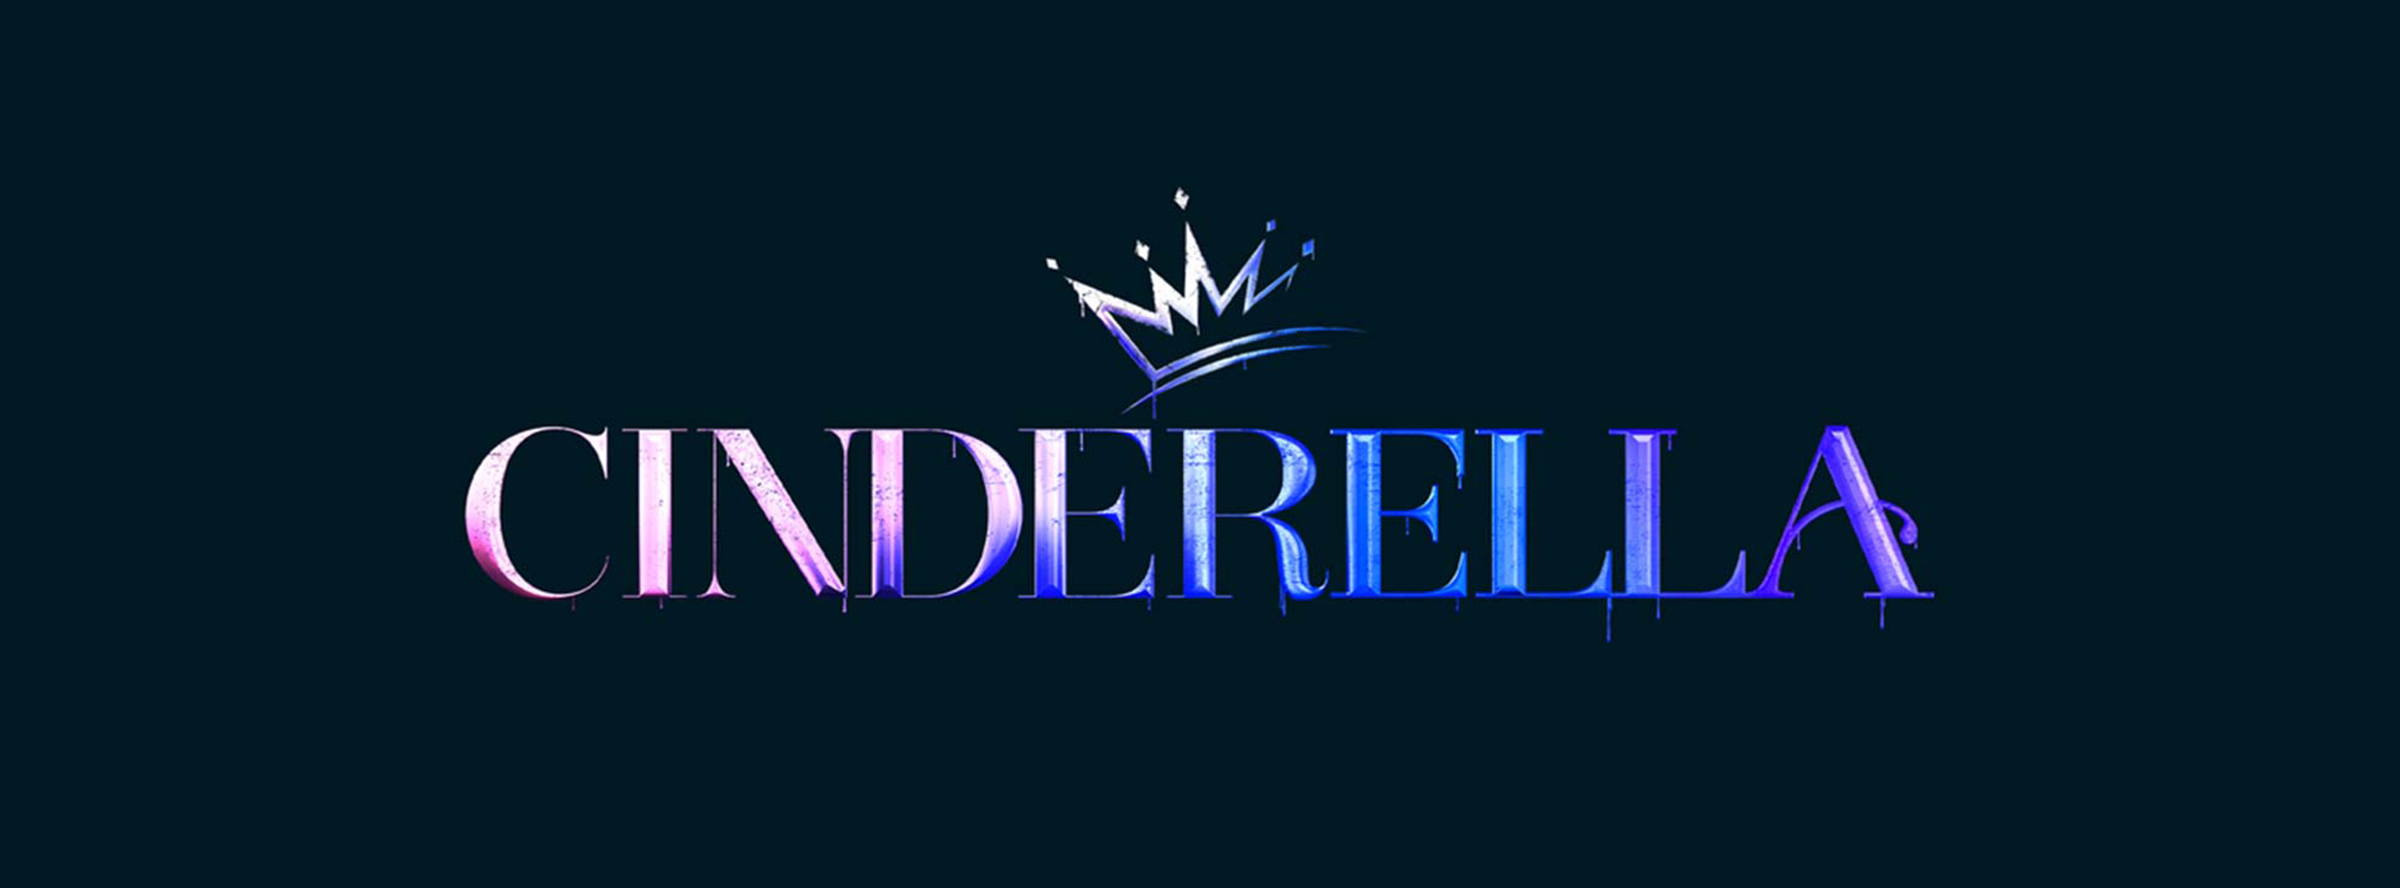 Slider Image for Cinderella